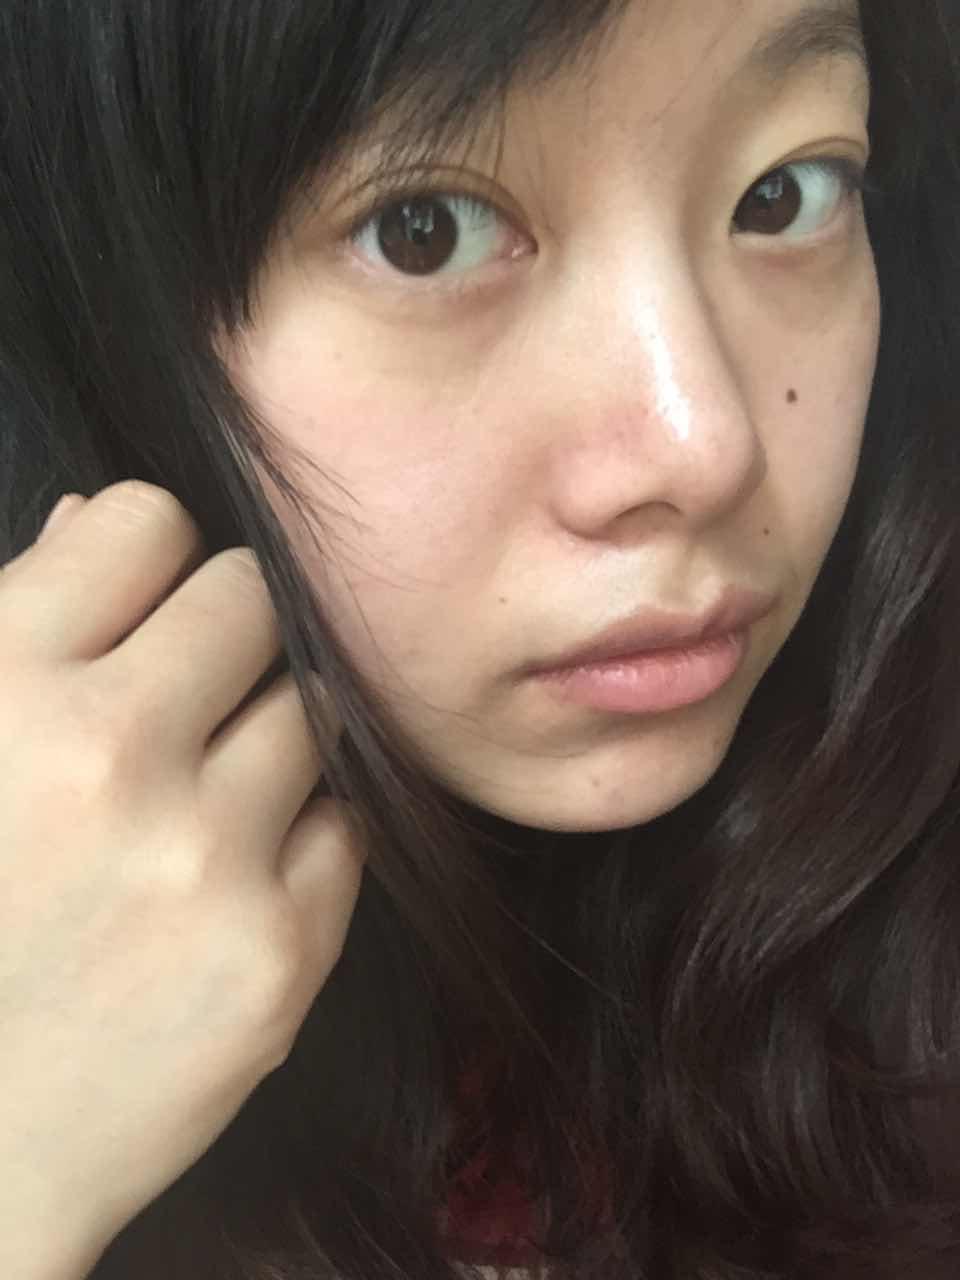 双眼皮消失的原因,为啥我割的双眼皮一会双,一会消失求解d